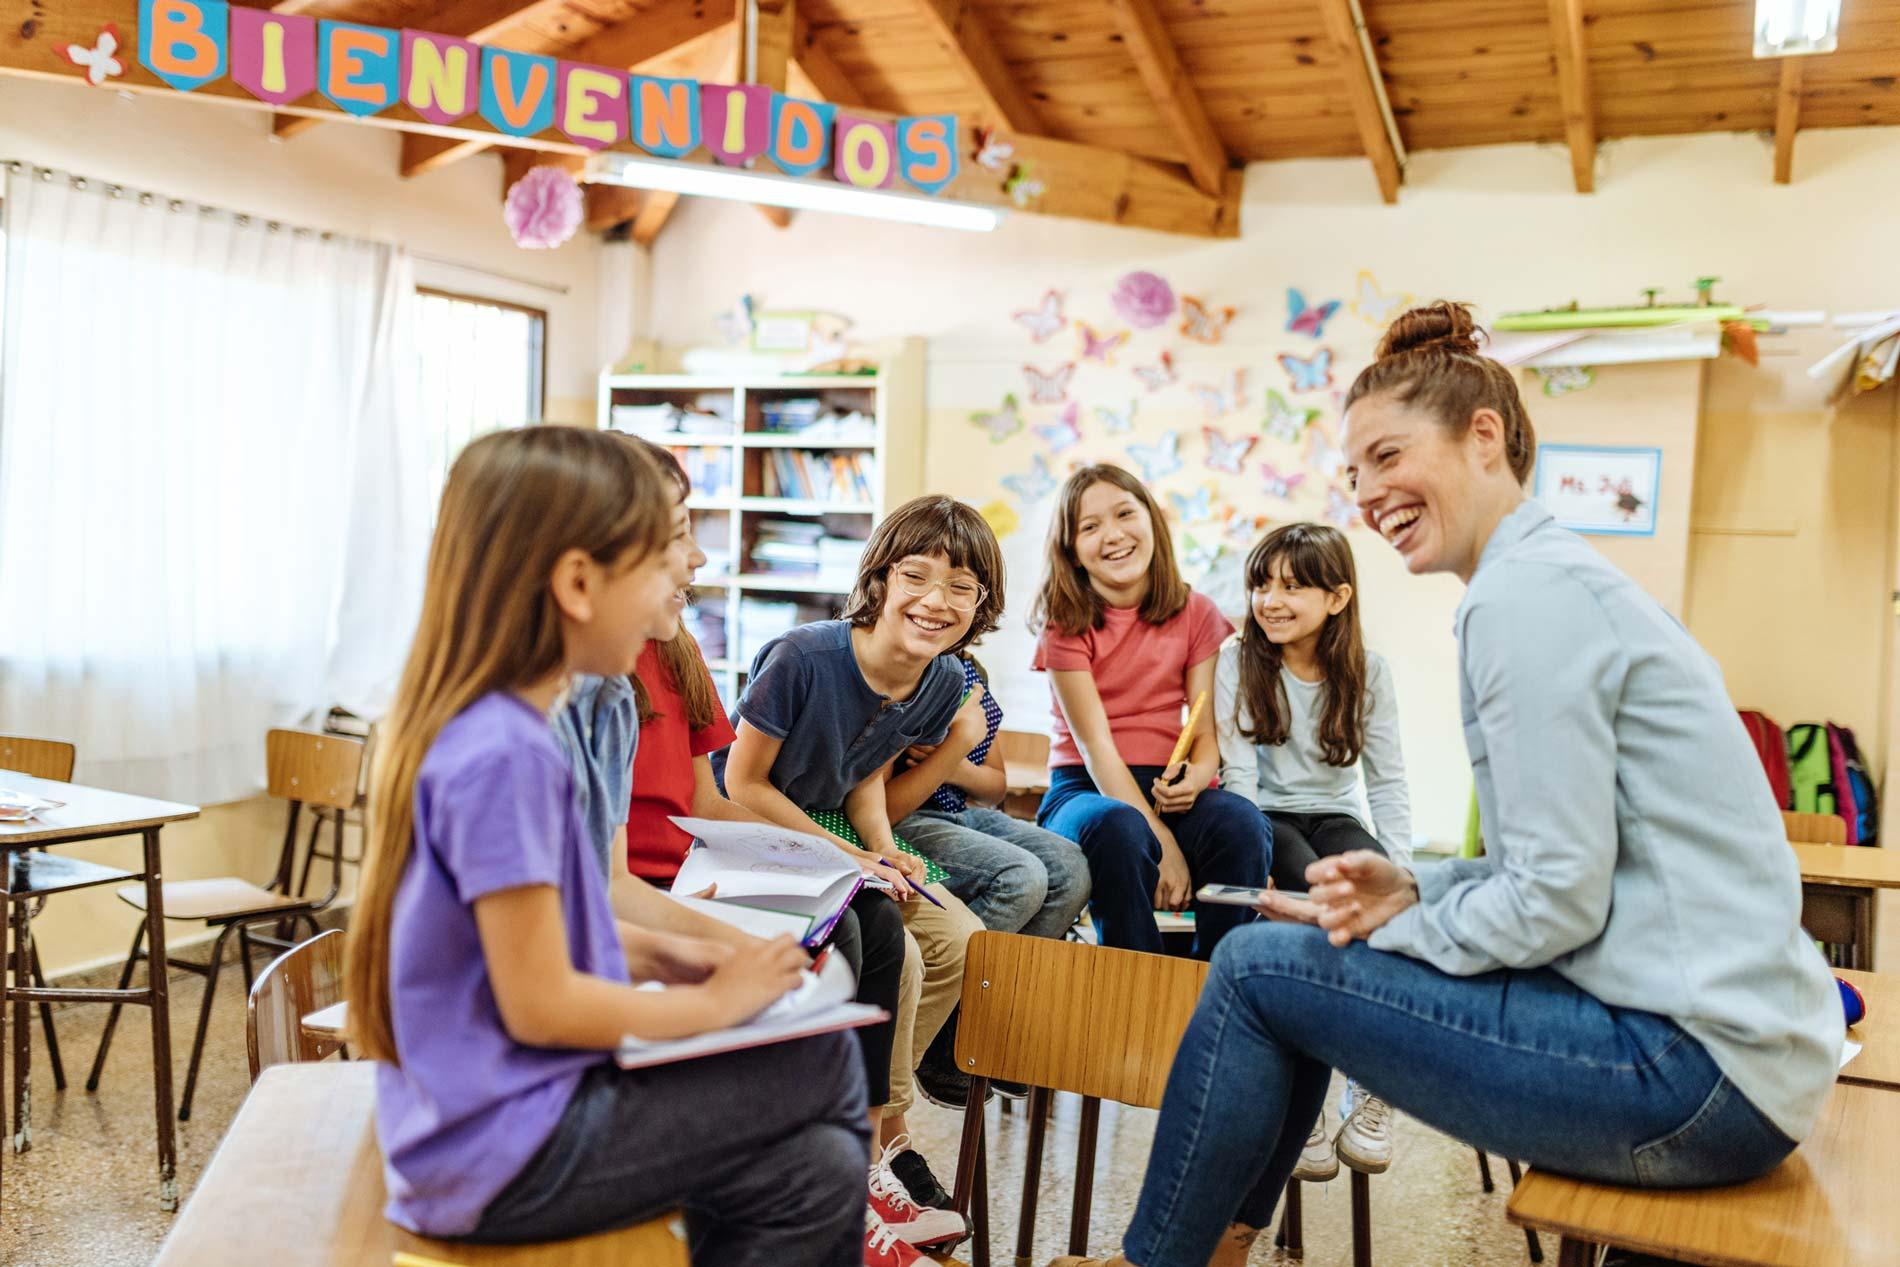 Conocer a nuestro alumnado es fundamental para crear la programación didáctica en primaria, independientemente del curso al cual estemos enseñando.